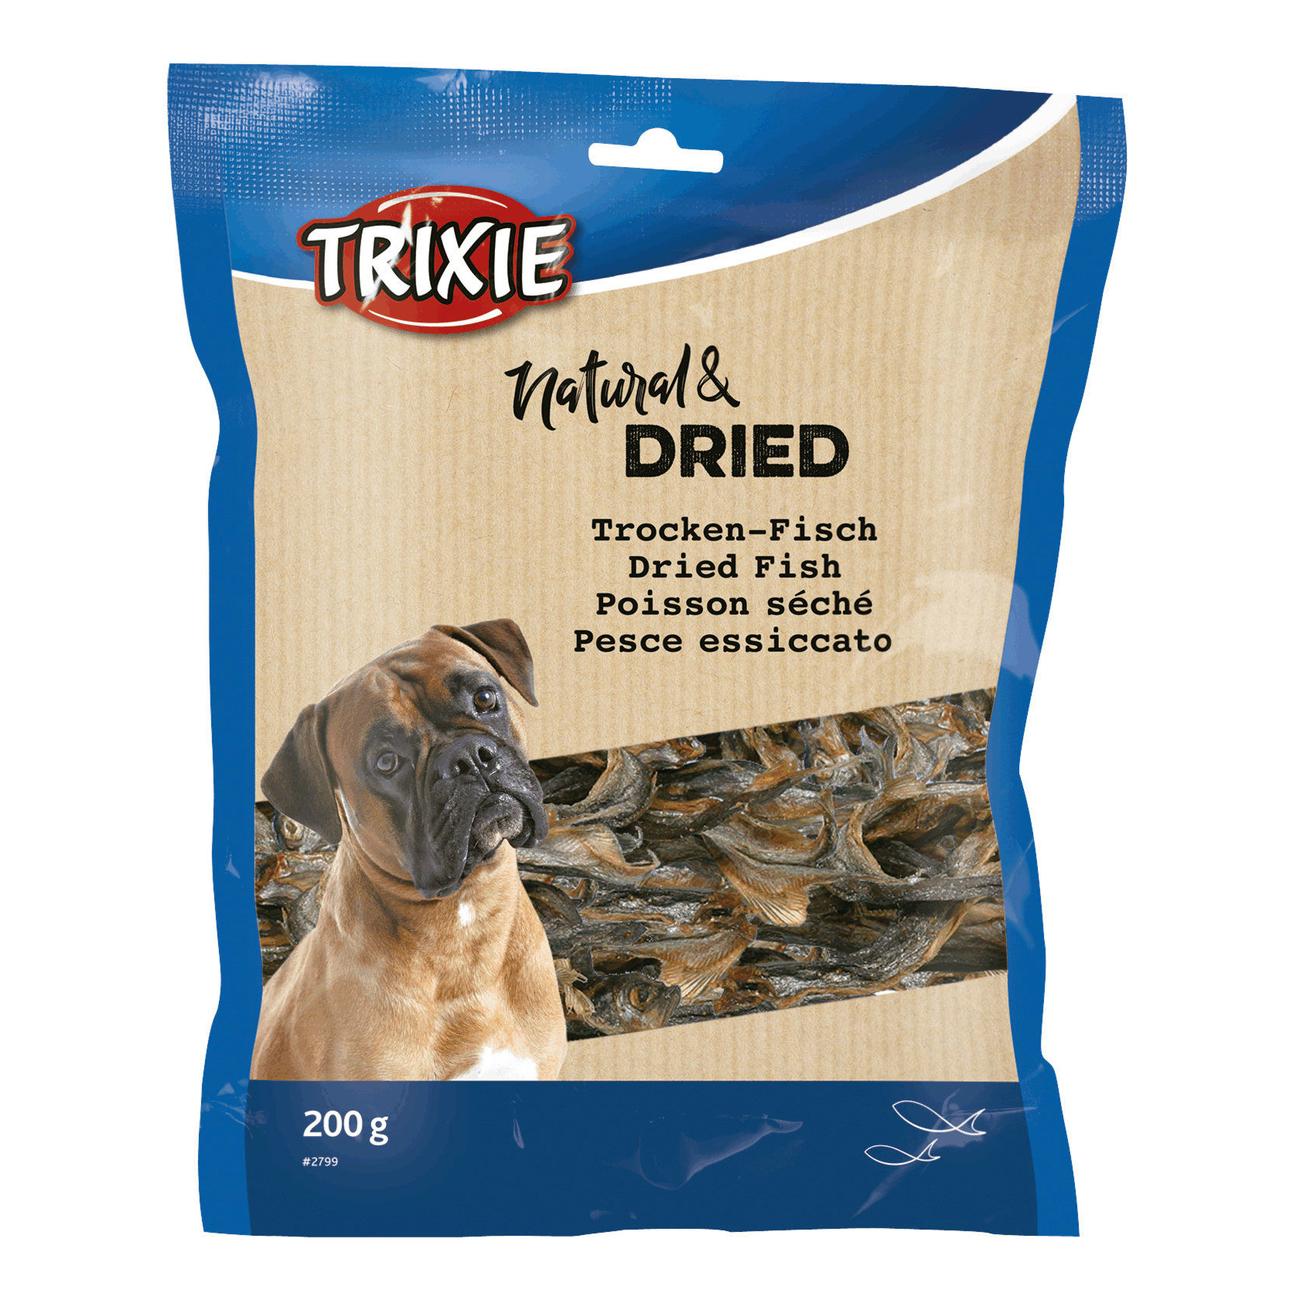 TRIXIE Trockenfisch-Sprotten für Hunde 2799